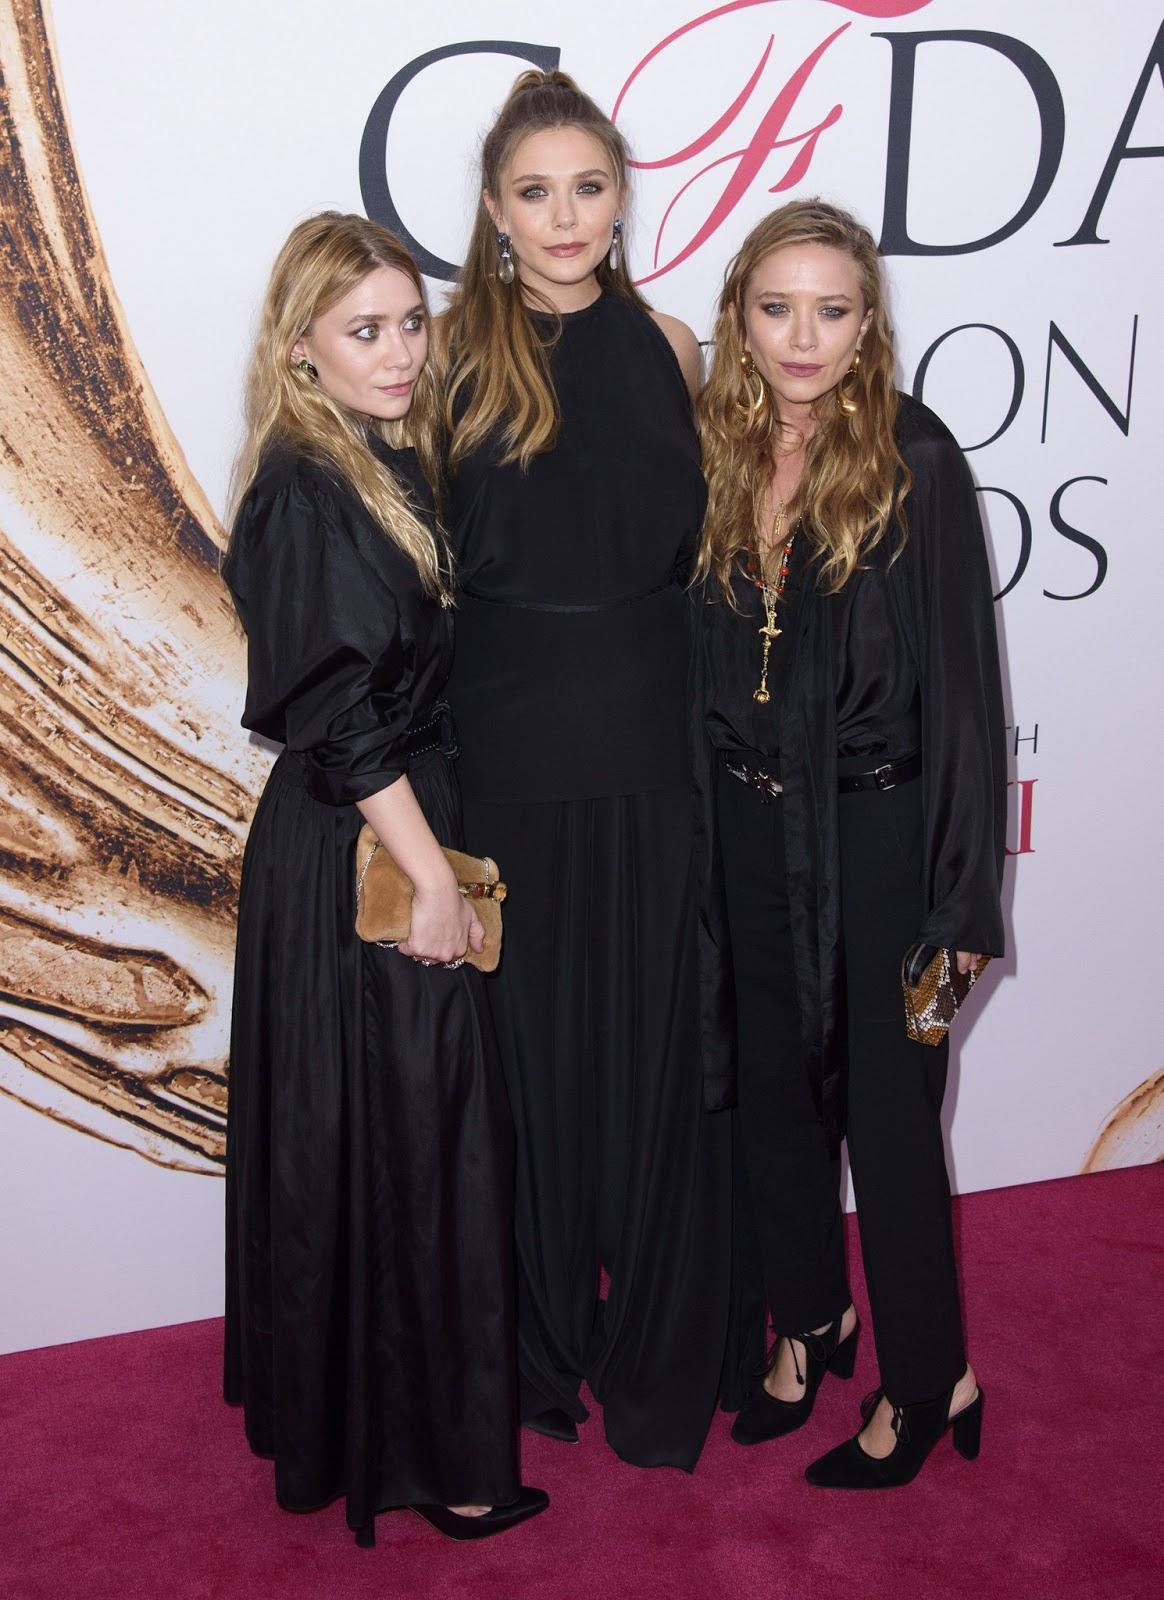 Elizabeth_Olsen-Mary-Kate_Olsen-Ashley_Olsen-CFDA_Fashion_Awards-NYC-6_6_2016-011.jpg